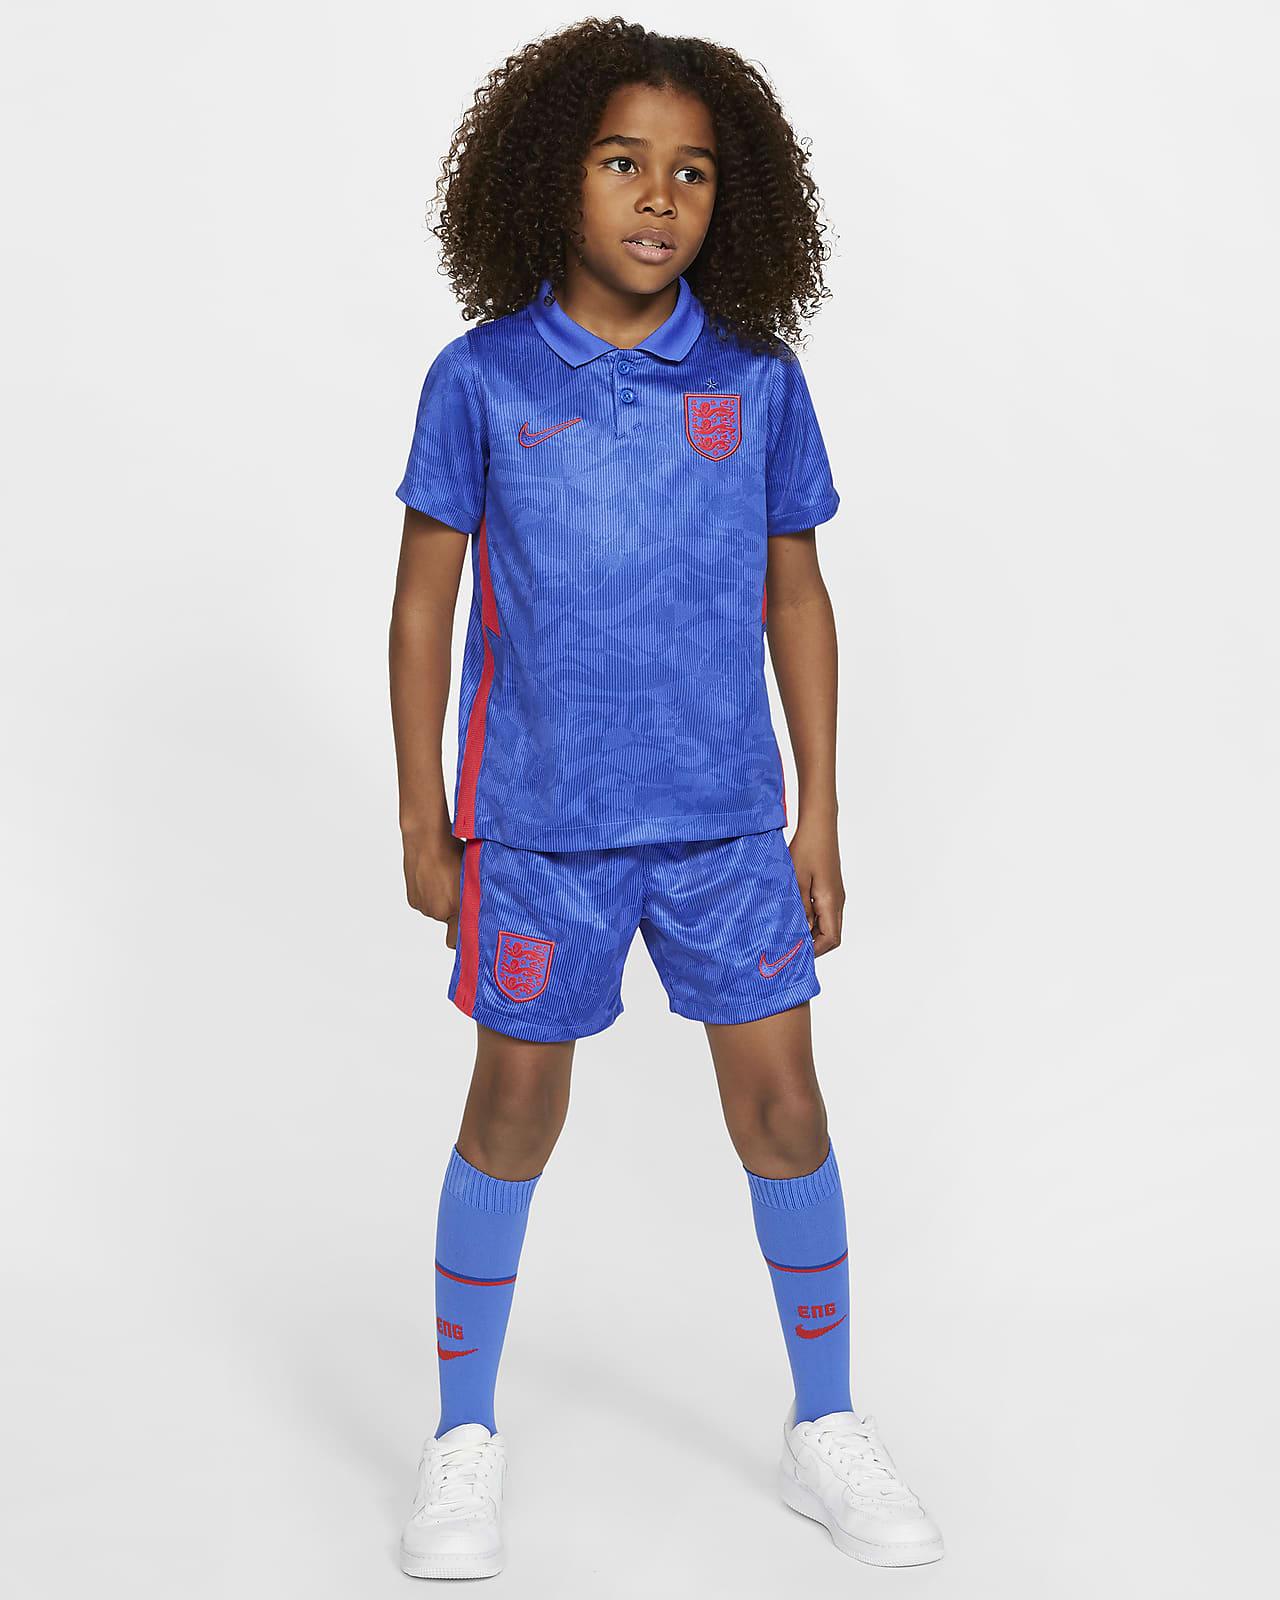 Segona equipació Anglaterra 2020 Equipació de futbol - Nen/a petit/a